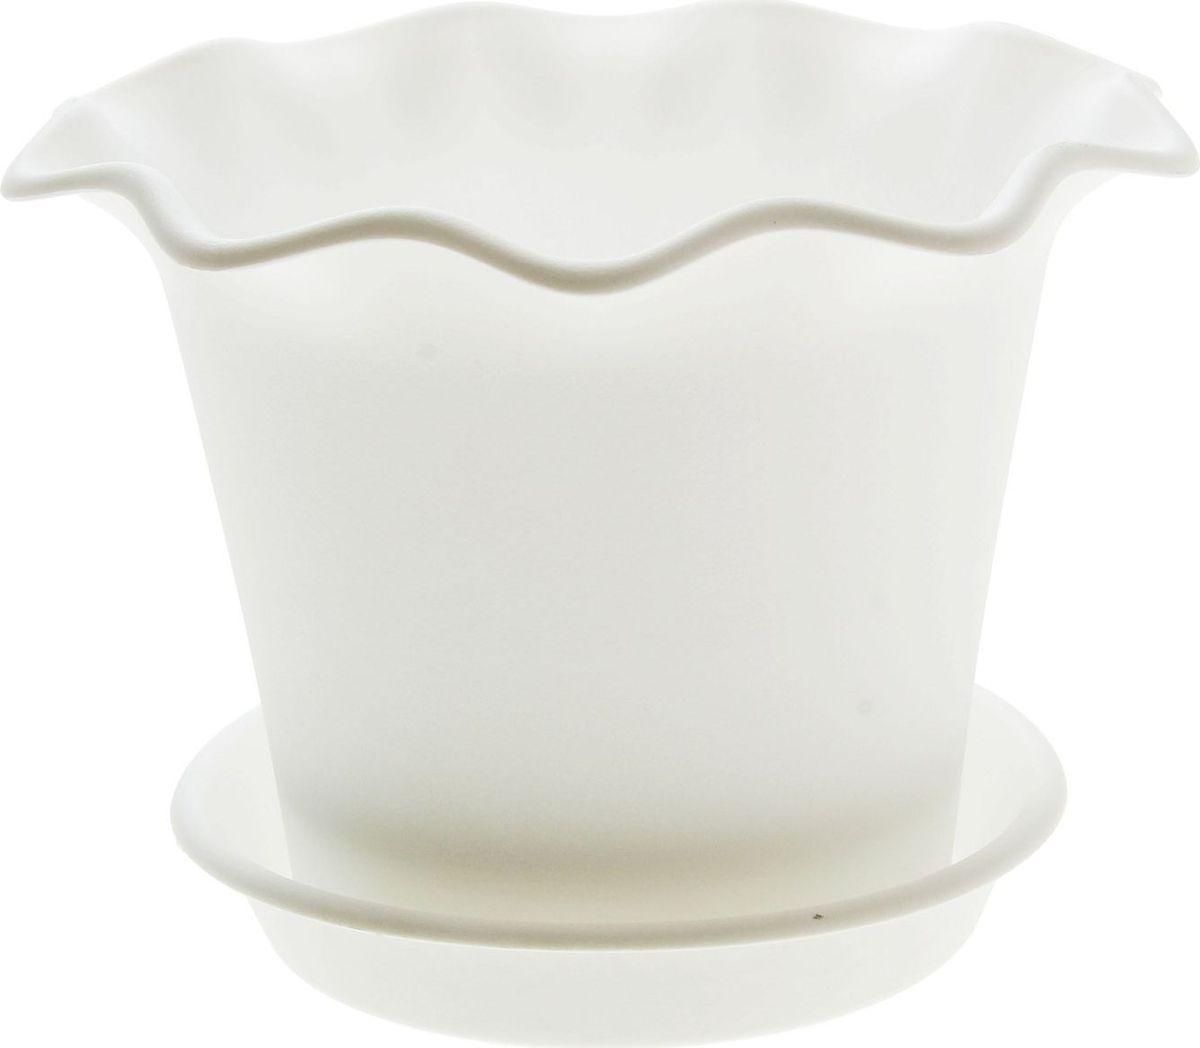 """Горшок InGreen """"Бали"""" выполнен из высококачественного полипропилена (пластика) и предназначен для выращивания цветов, растений и трав. Снабжен поддоном для стока воды.  Такой горшок порадует вас функциональностью, а благодаря лаконичному дизайну впишется в любой интерьер помещения.Диаметр горшка (по верхнему краю): 16 см. Высота горшка: 12,3 см."""